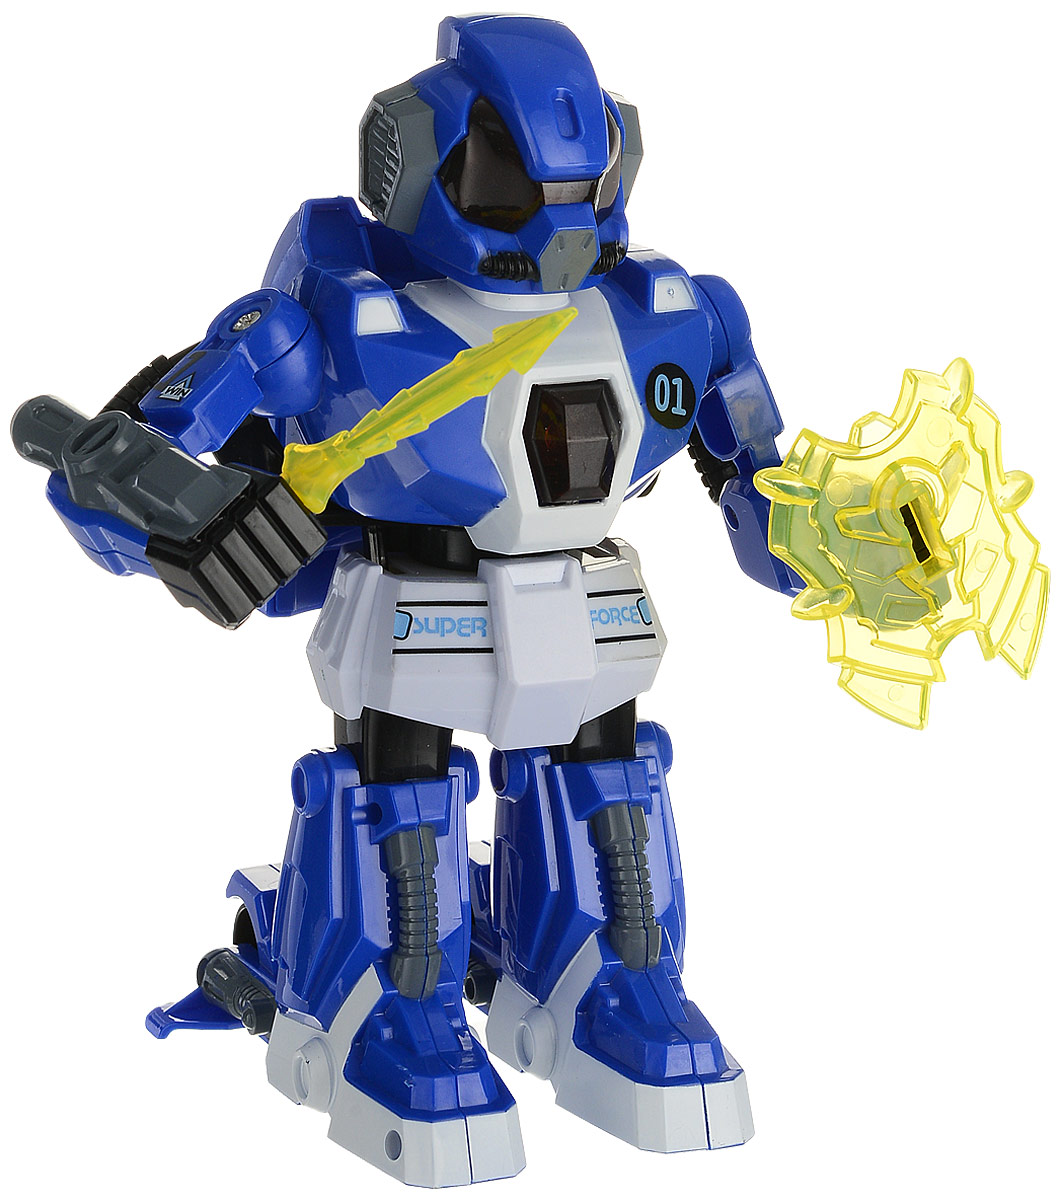 Yako Робот на радиоуправлении цвет синий